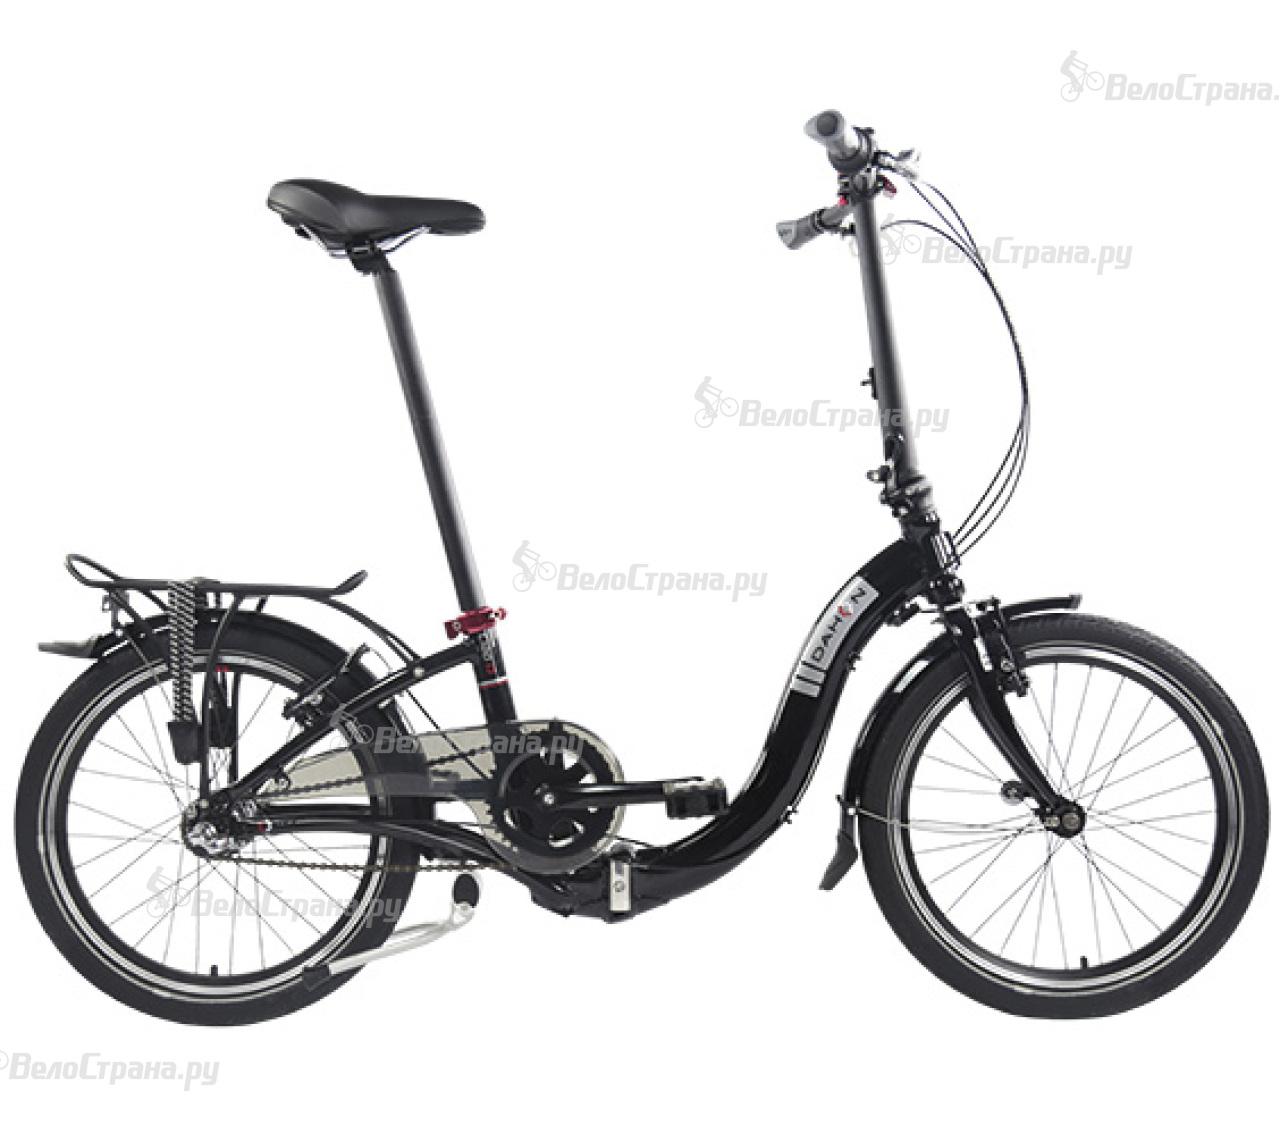 Велосипед Dahon Ciao i3 (2017) велосипед dahon speed d7 2014